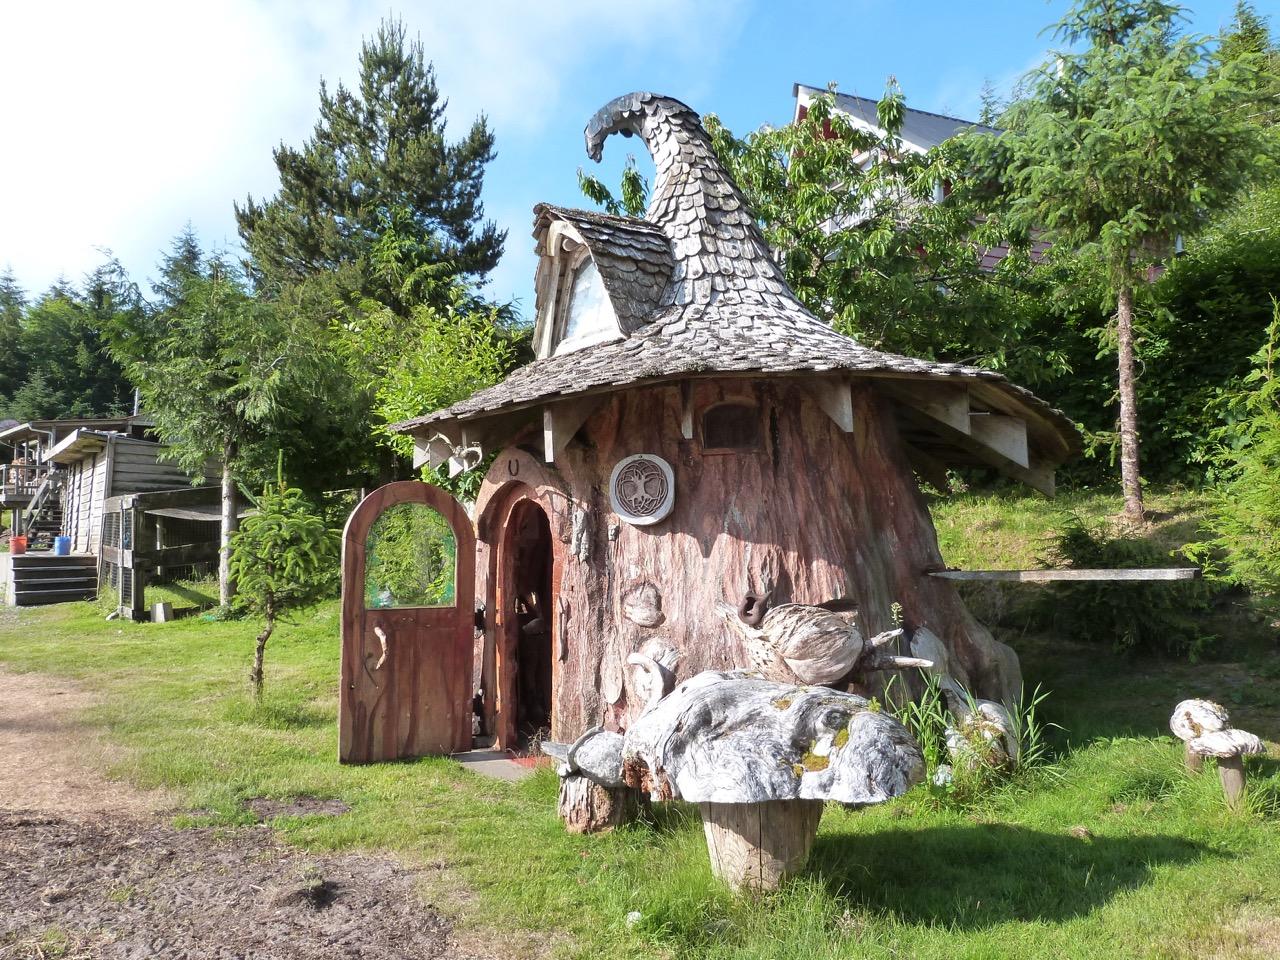 Сказочный дом - старый пень